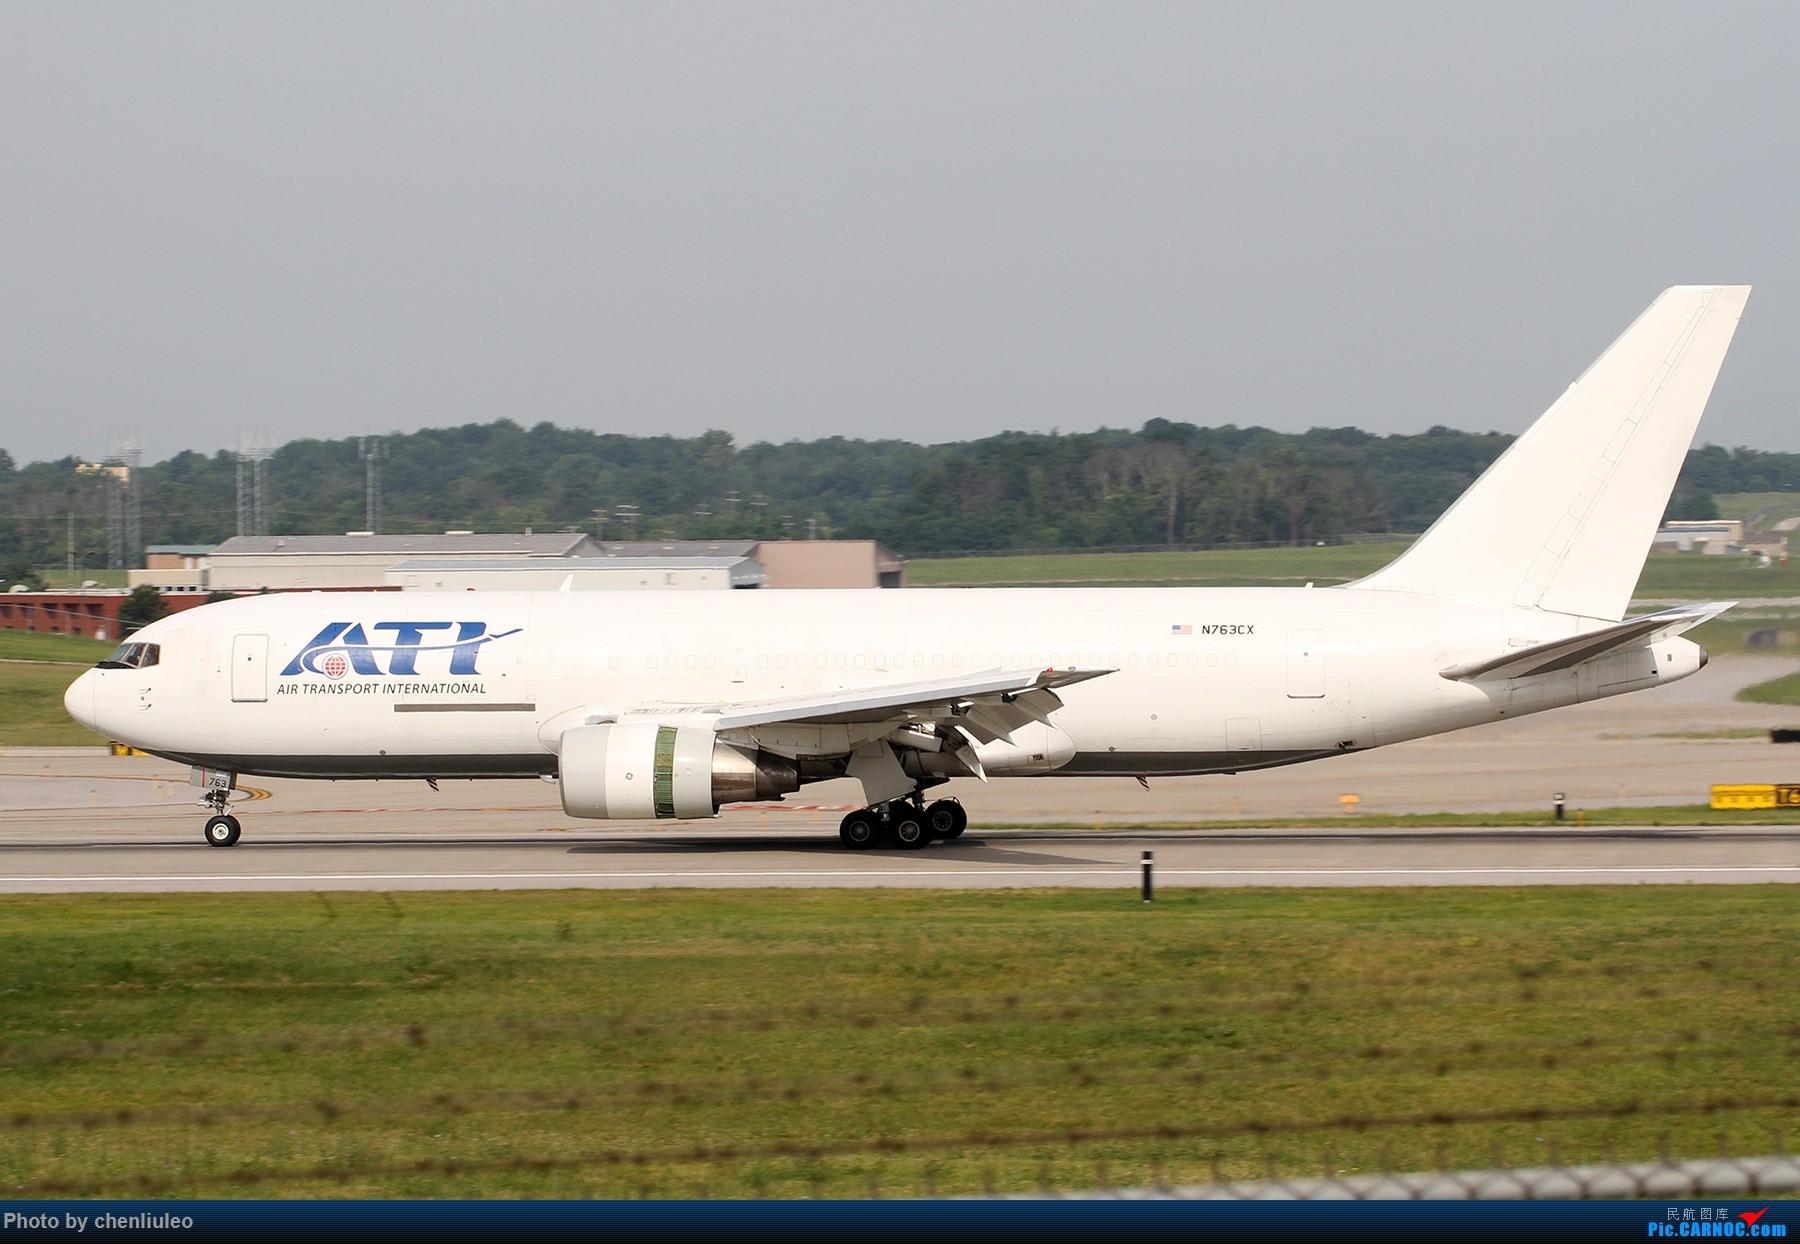 Re:[原创]【北美飞友会】辛辛那提北肯塔基国际机场 货机的天堂 BOEING 767-200 N763CX 美国辛辛那提-北肯塔基国际机场